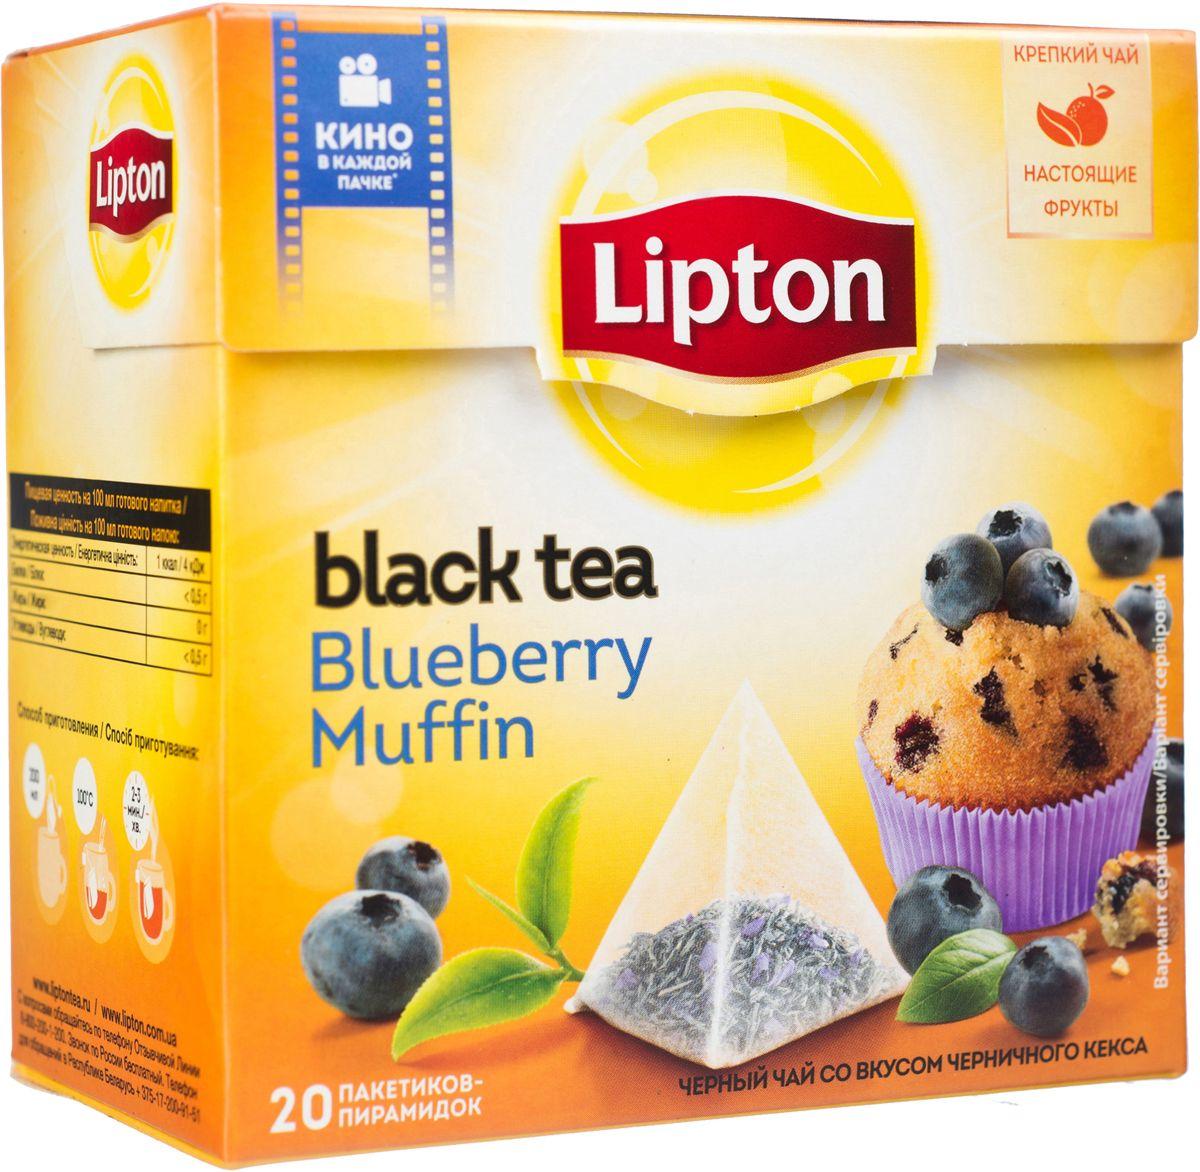 Lipton Черный чай Blueberry Muffin 20 шт0120710Что выбрать на десерт? Конечно, ягодное угощение! Кусочки спелой черники вместе с отборными листочками черного чая соединяются в зажигательном танце внутри просторного пакетика пирамидки чая Lipton Blueberry Muffin, раскрывая аппетитный вкус и притягательный аромат восхитительного черничного кекса. Отличный выбор для вкусного удовольствия!